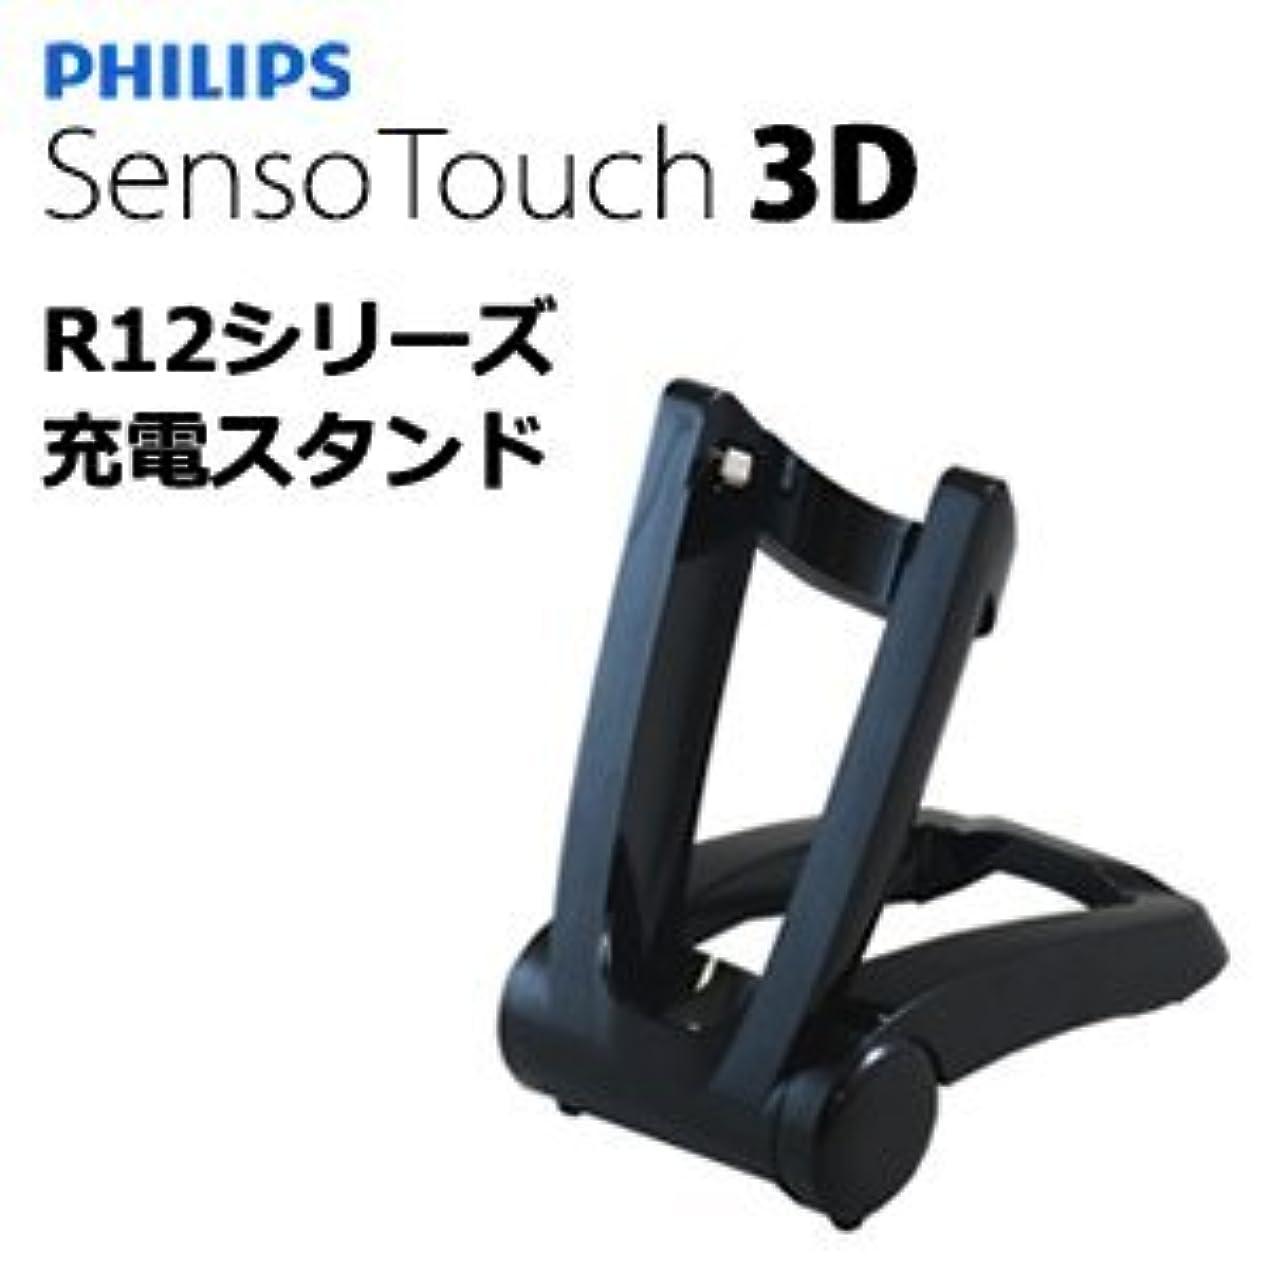 ベジタリアン豆タイプライターPHILIPS 電動シェーバー Senso Touch 3D RQ12シリーズ 充電器 チャージャースタンド フィリップス センソタッチ シリーズ 携帯 充電器 チャージャー スタンド